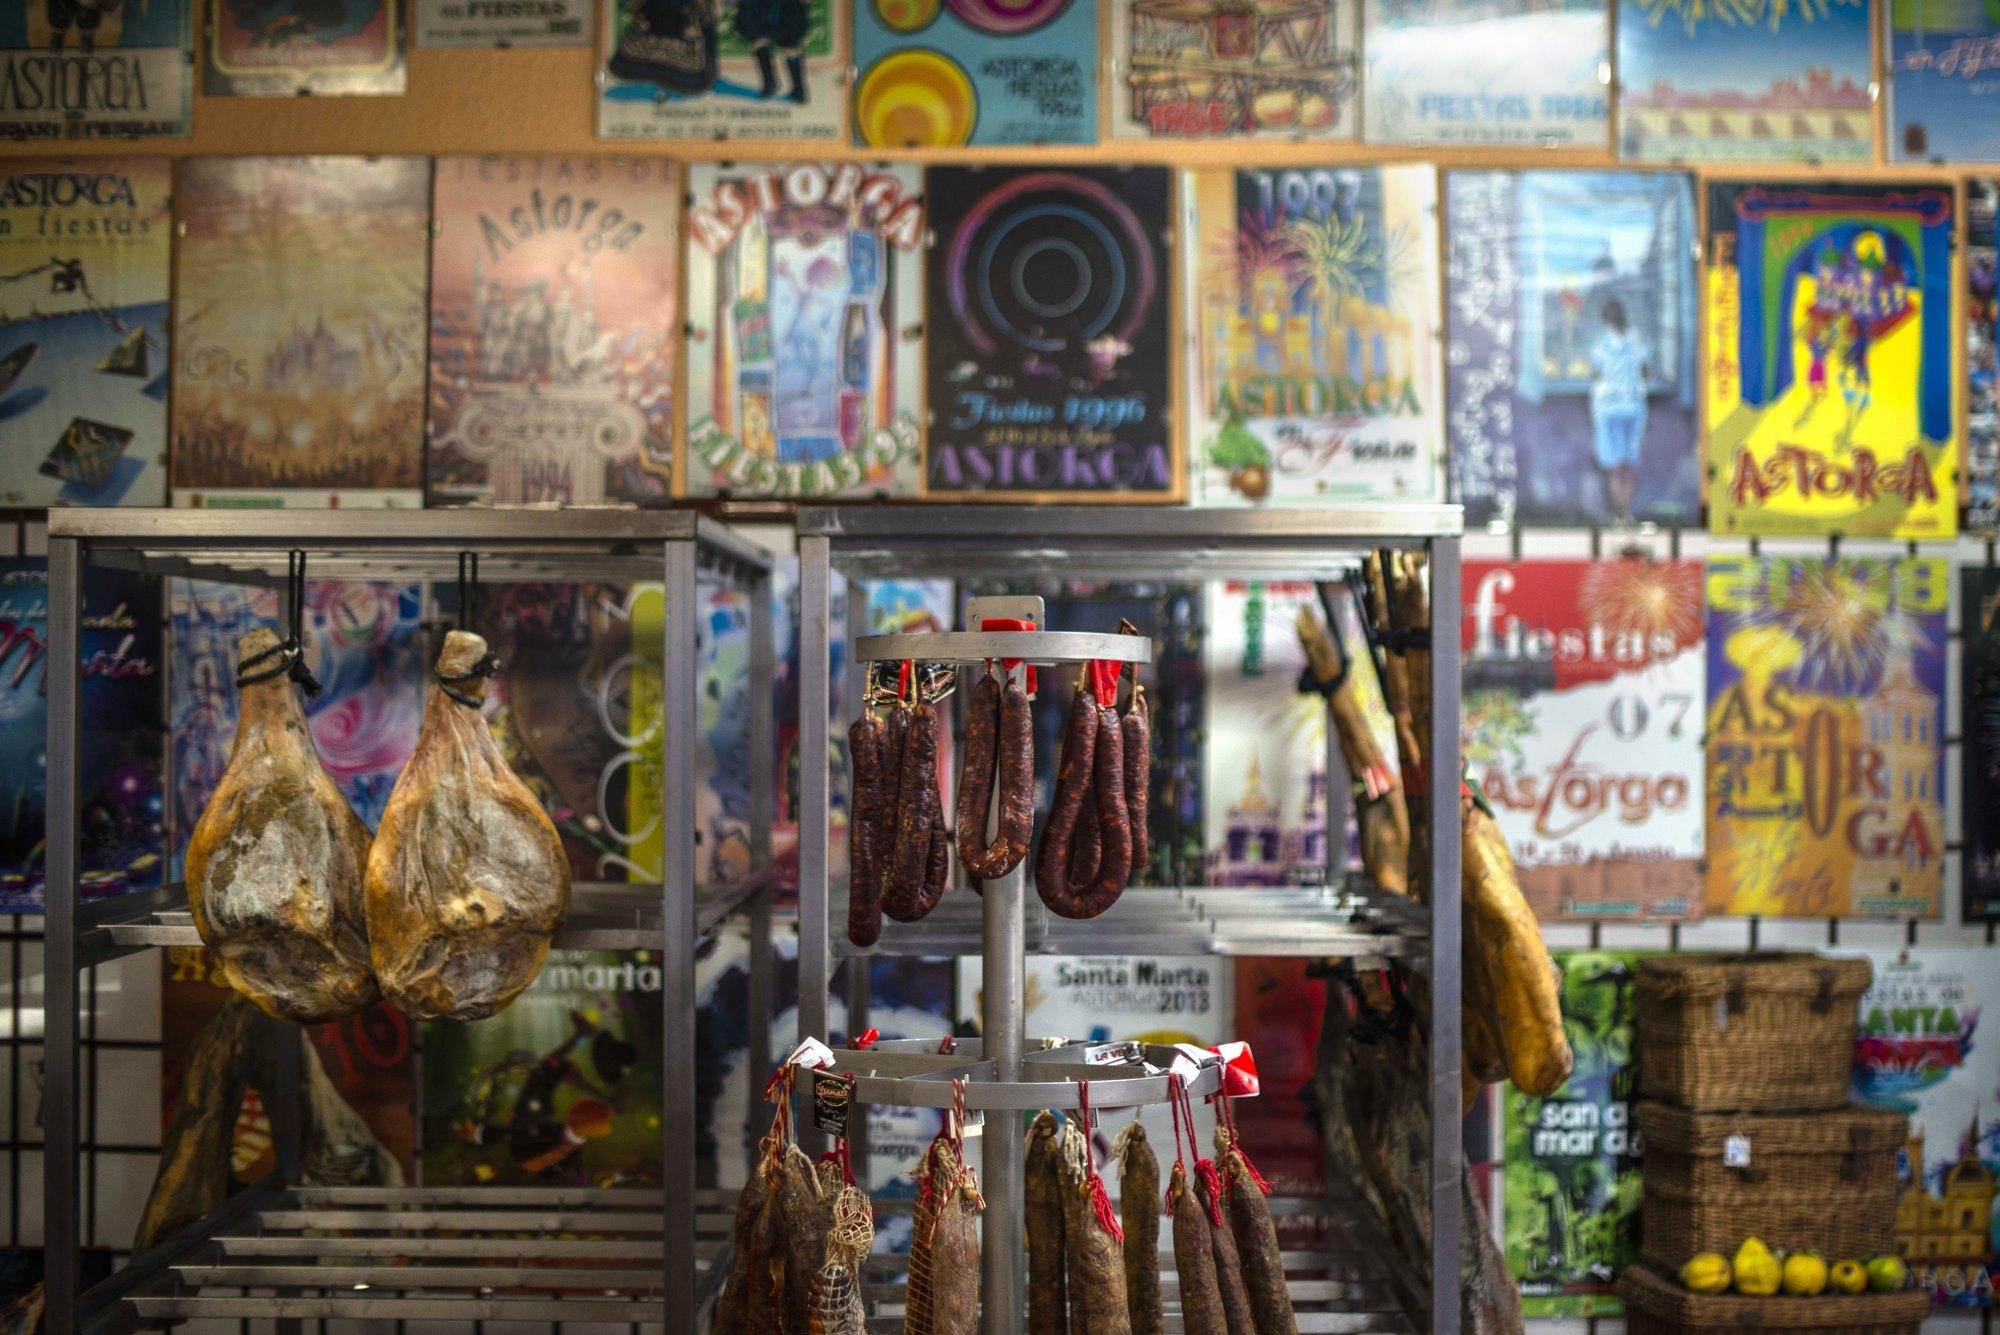 La tienda de cecina y embutidos del último maragato, Antonio El Jamonero.